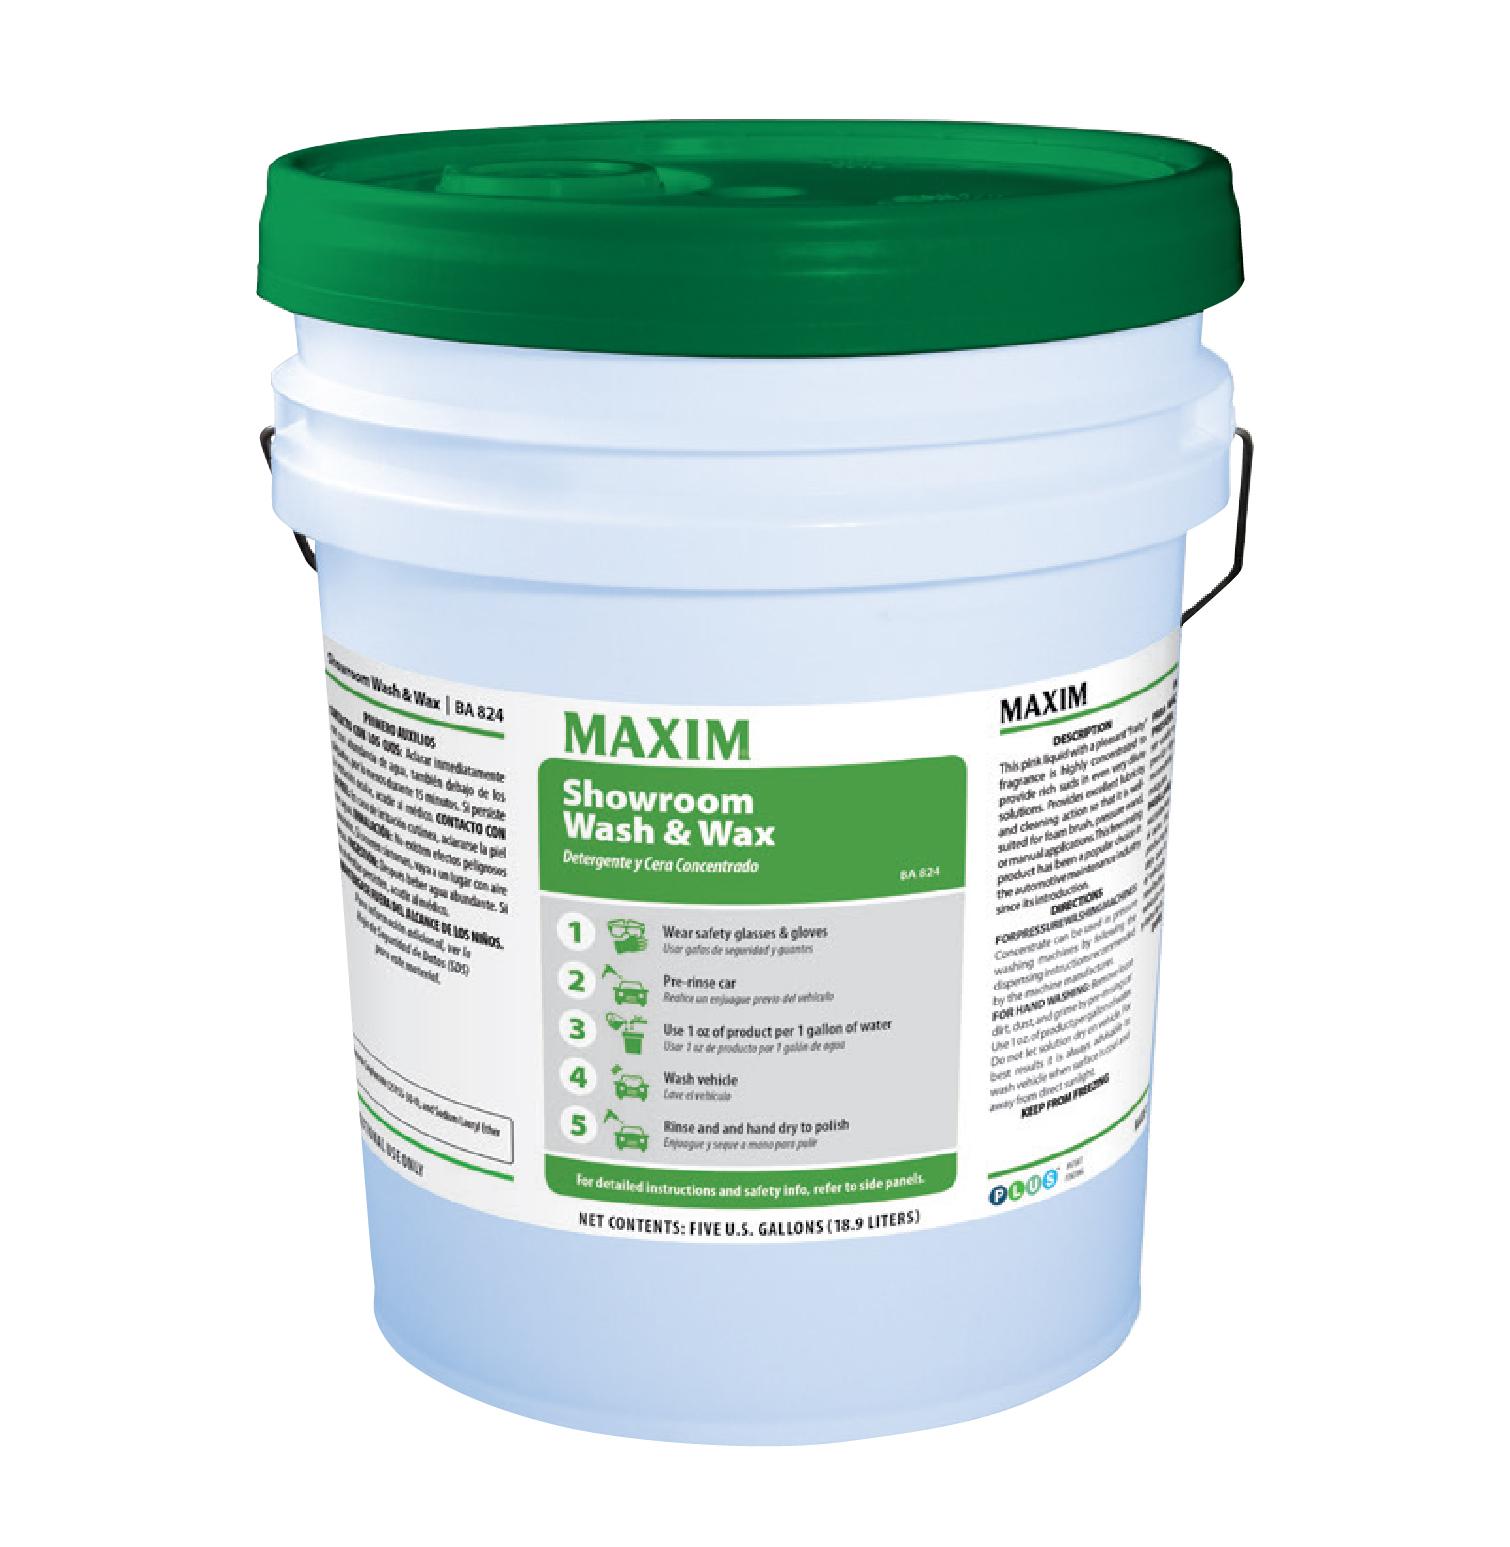 Maxim Showroom Wash & Wax - 5 Gal. ea